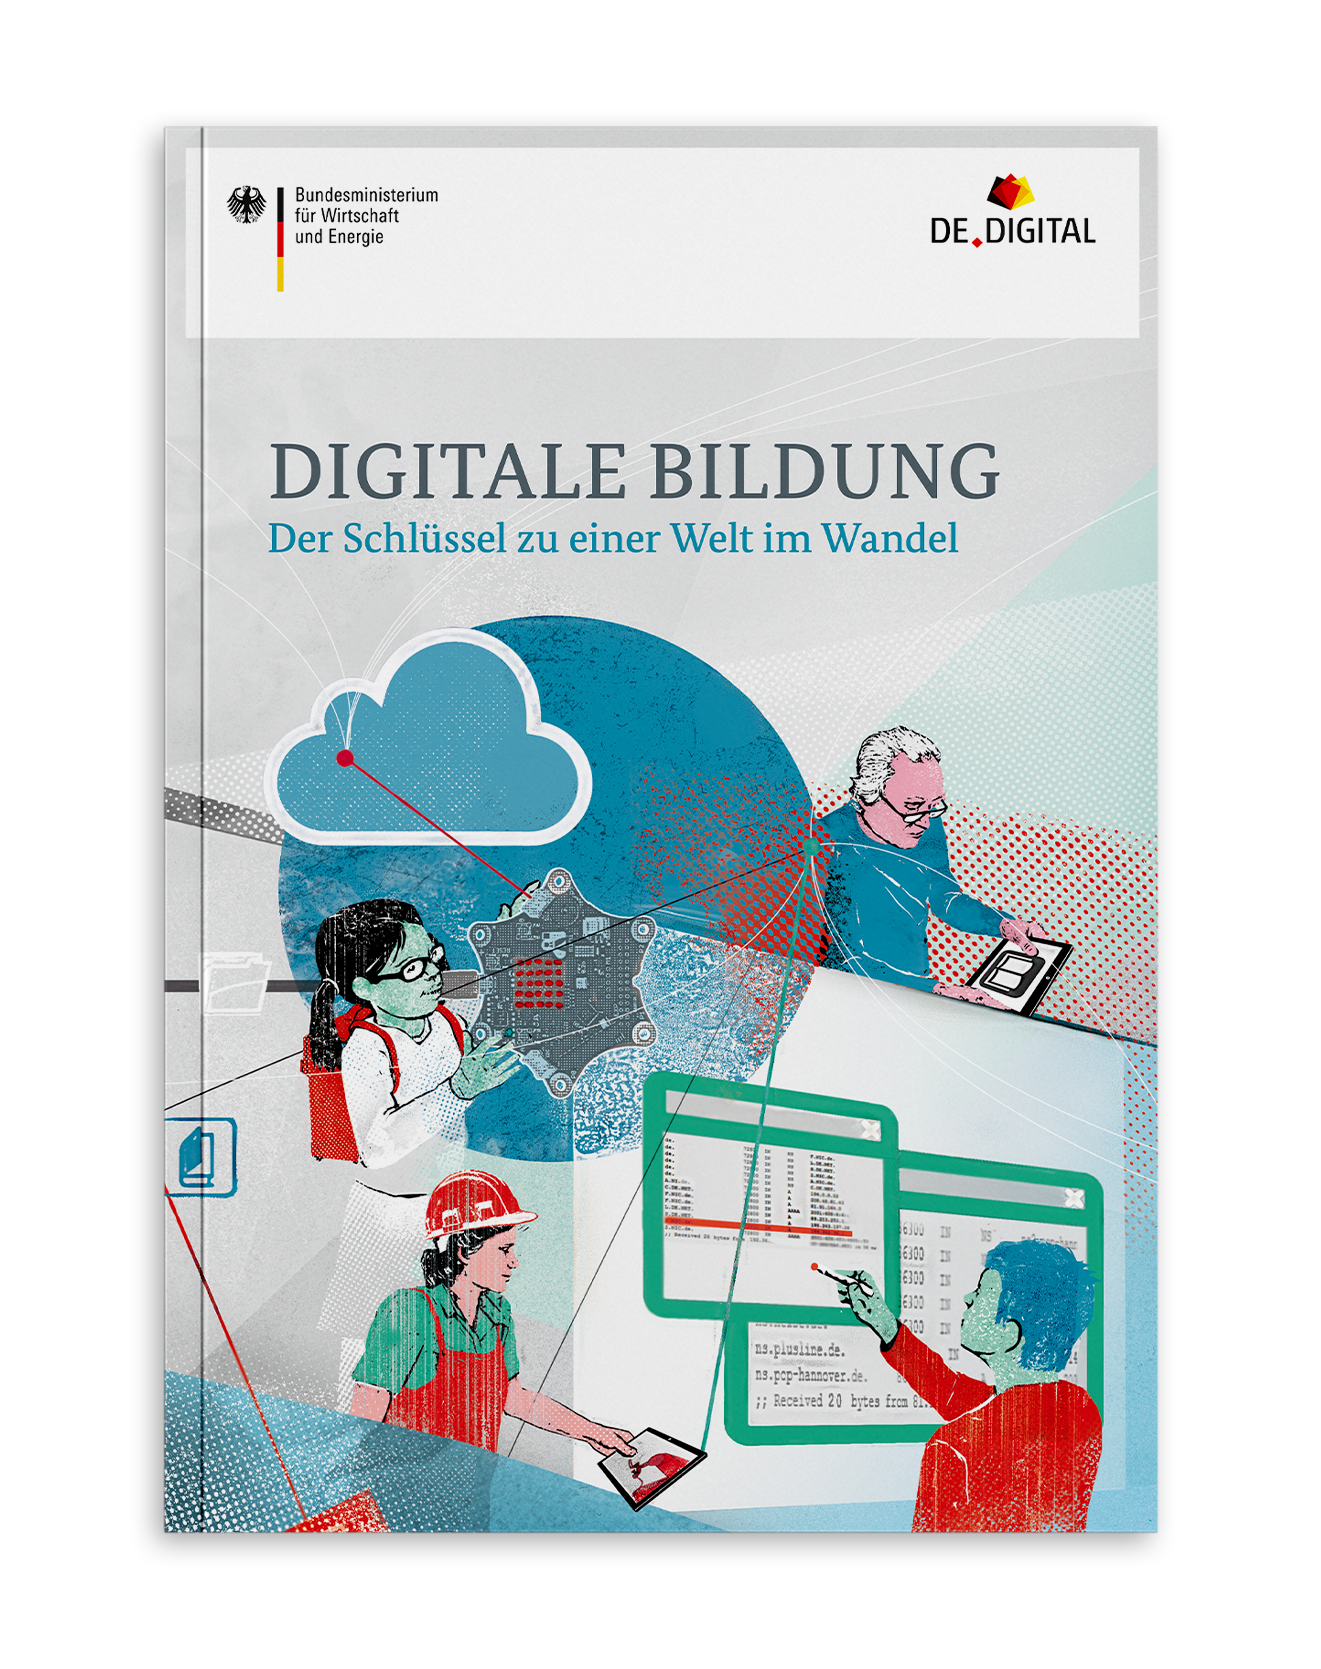 Coverdesign Digitale Bildung für das Bundesministerium für Wirtschaft und Energie